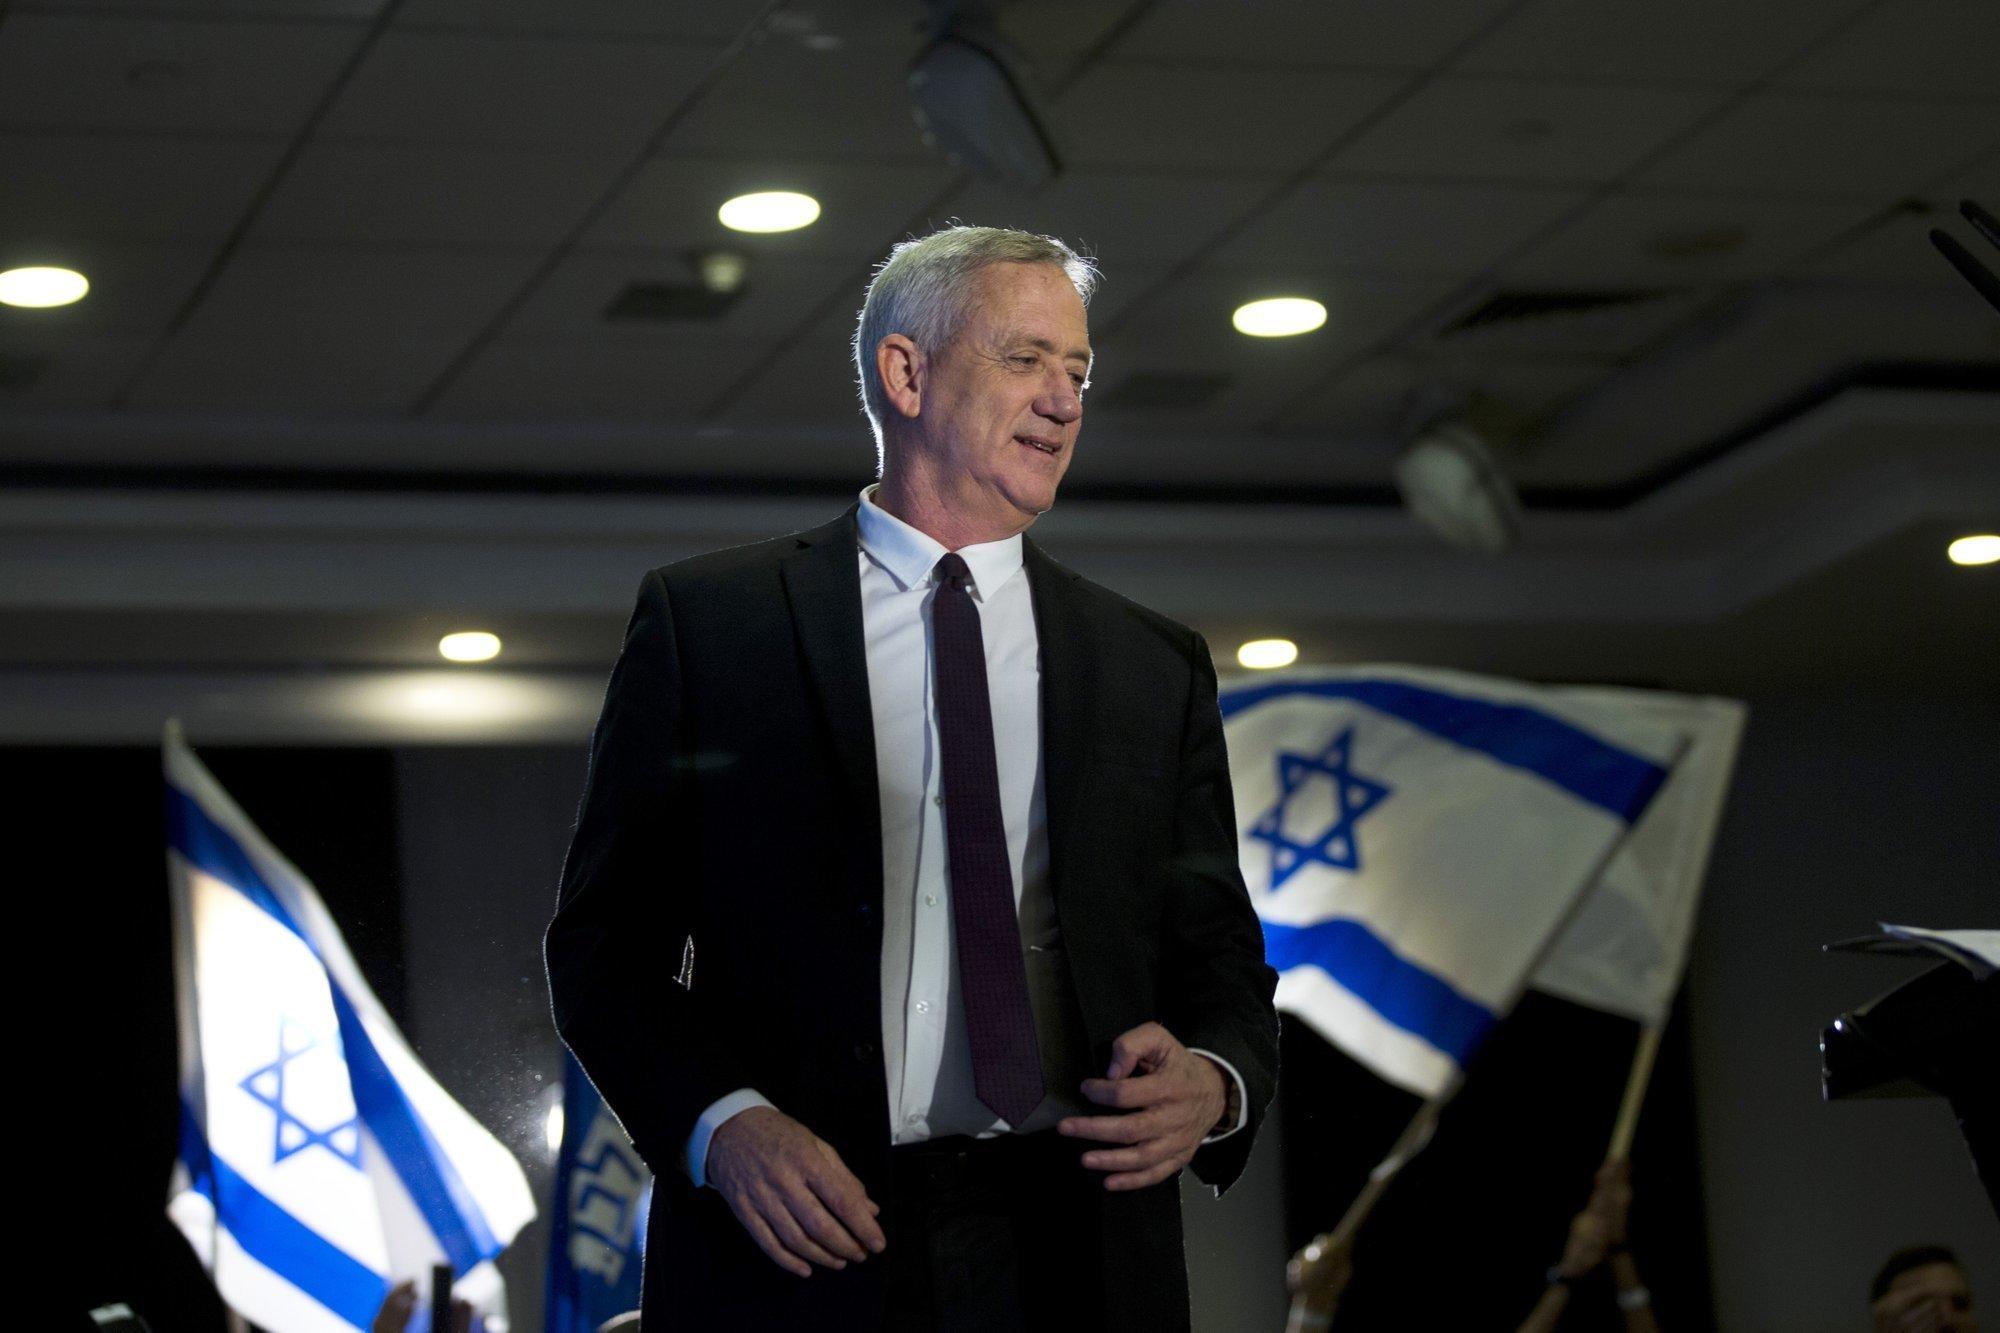 اسرائیل کا ایران کے معاملے پر امریکا کے ساتھ تعاون کا عزم